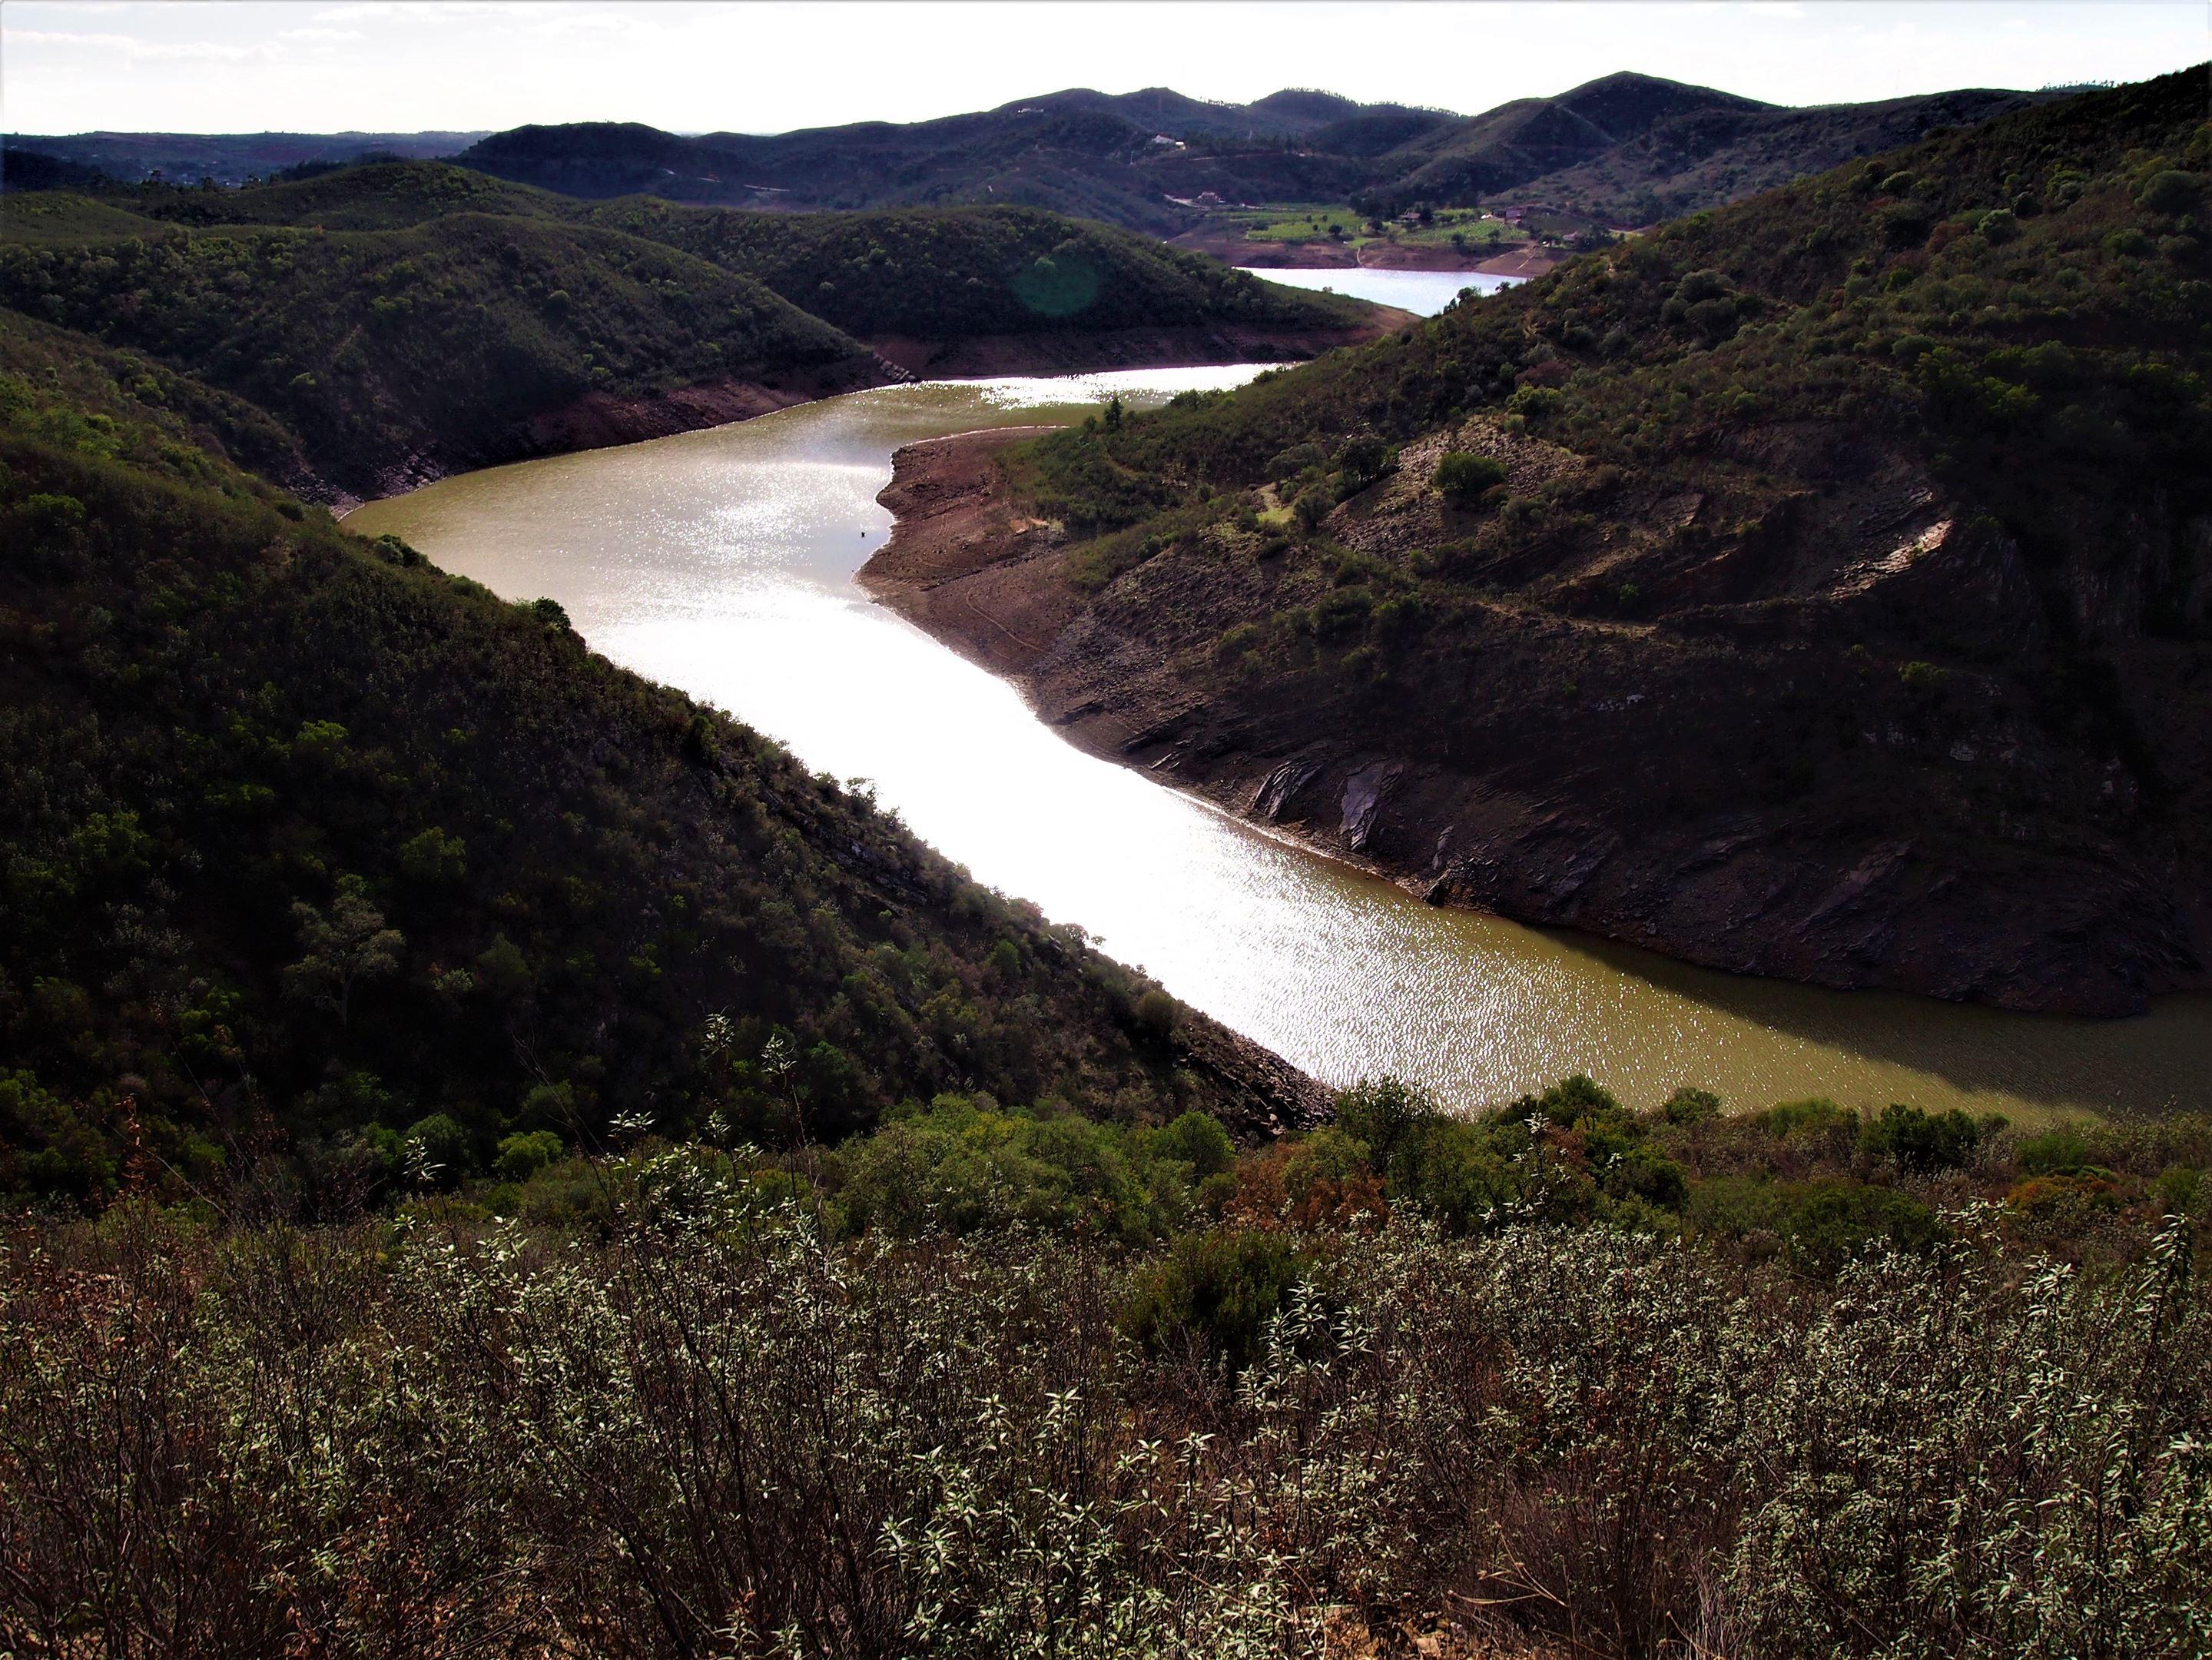 The Barragem do Funcho (or Funcho Dam), near São Bartolomeu de Messines, Algarve